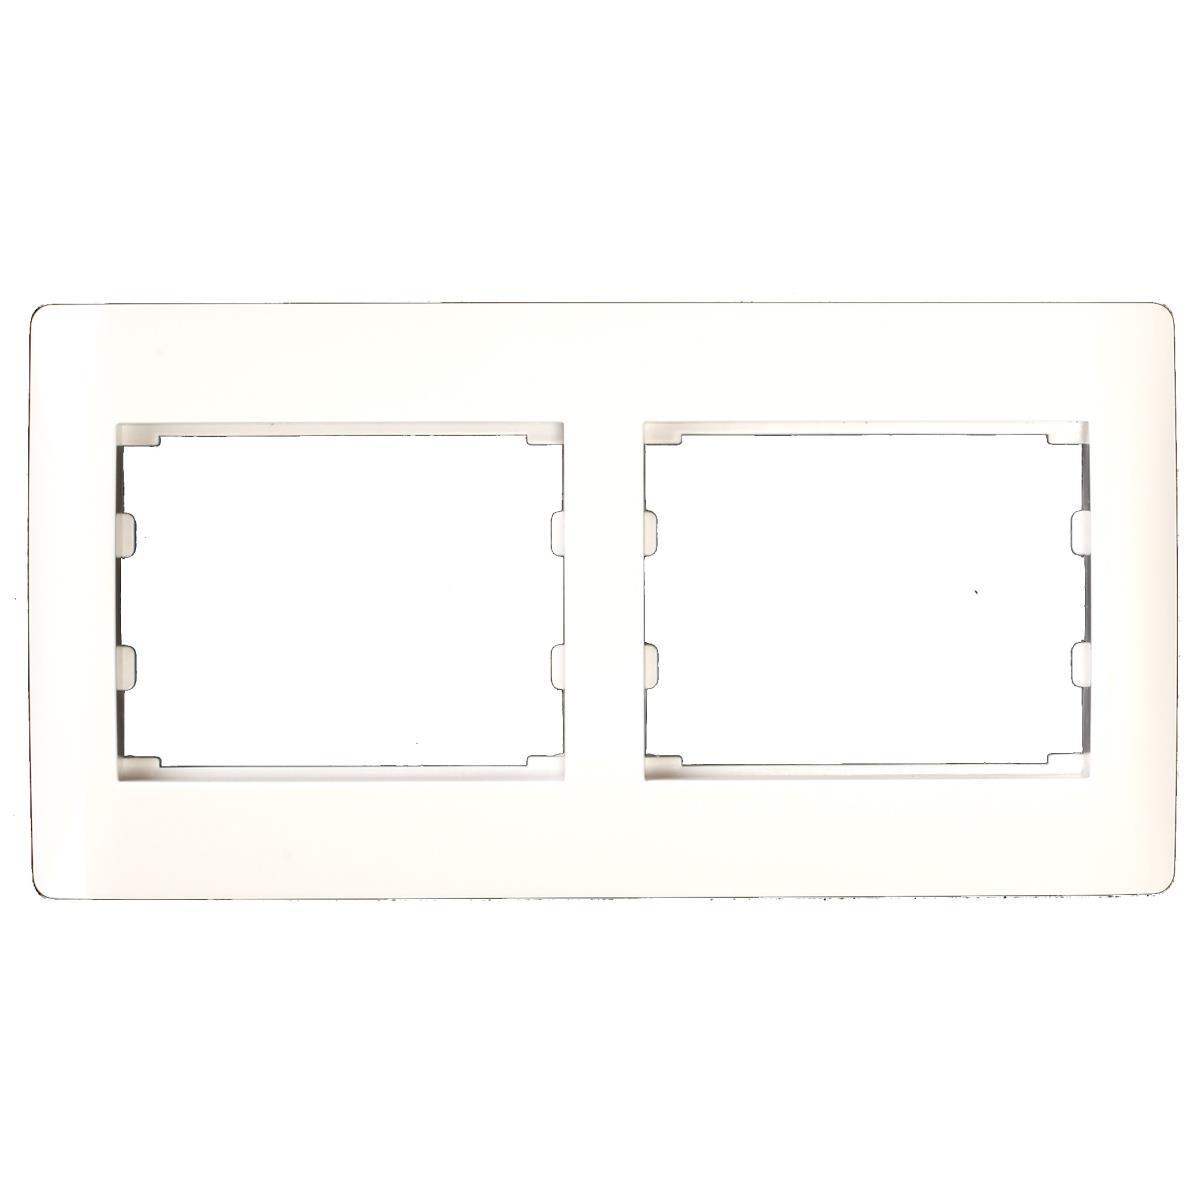 Doppel zweifach Rahmen Steckdose Schalter Lichtschalter weiß Serie TAILI